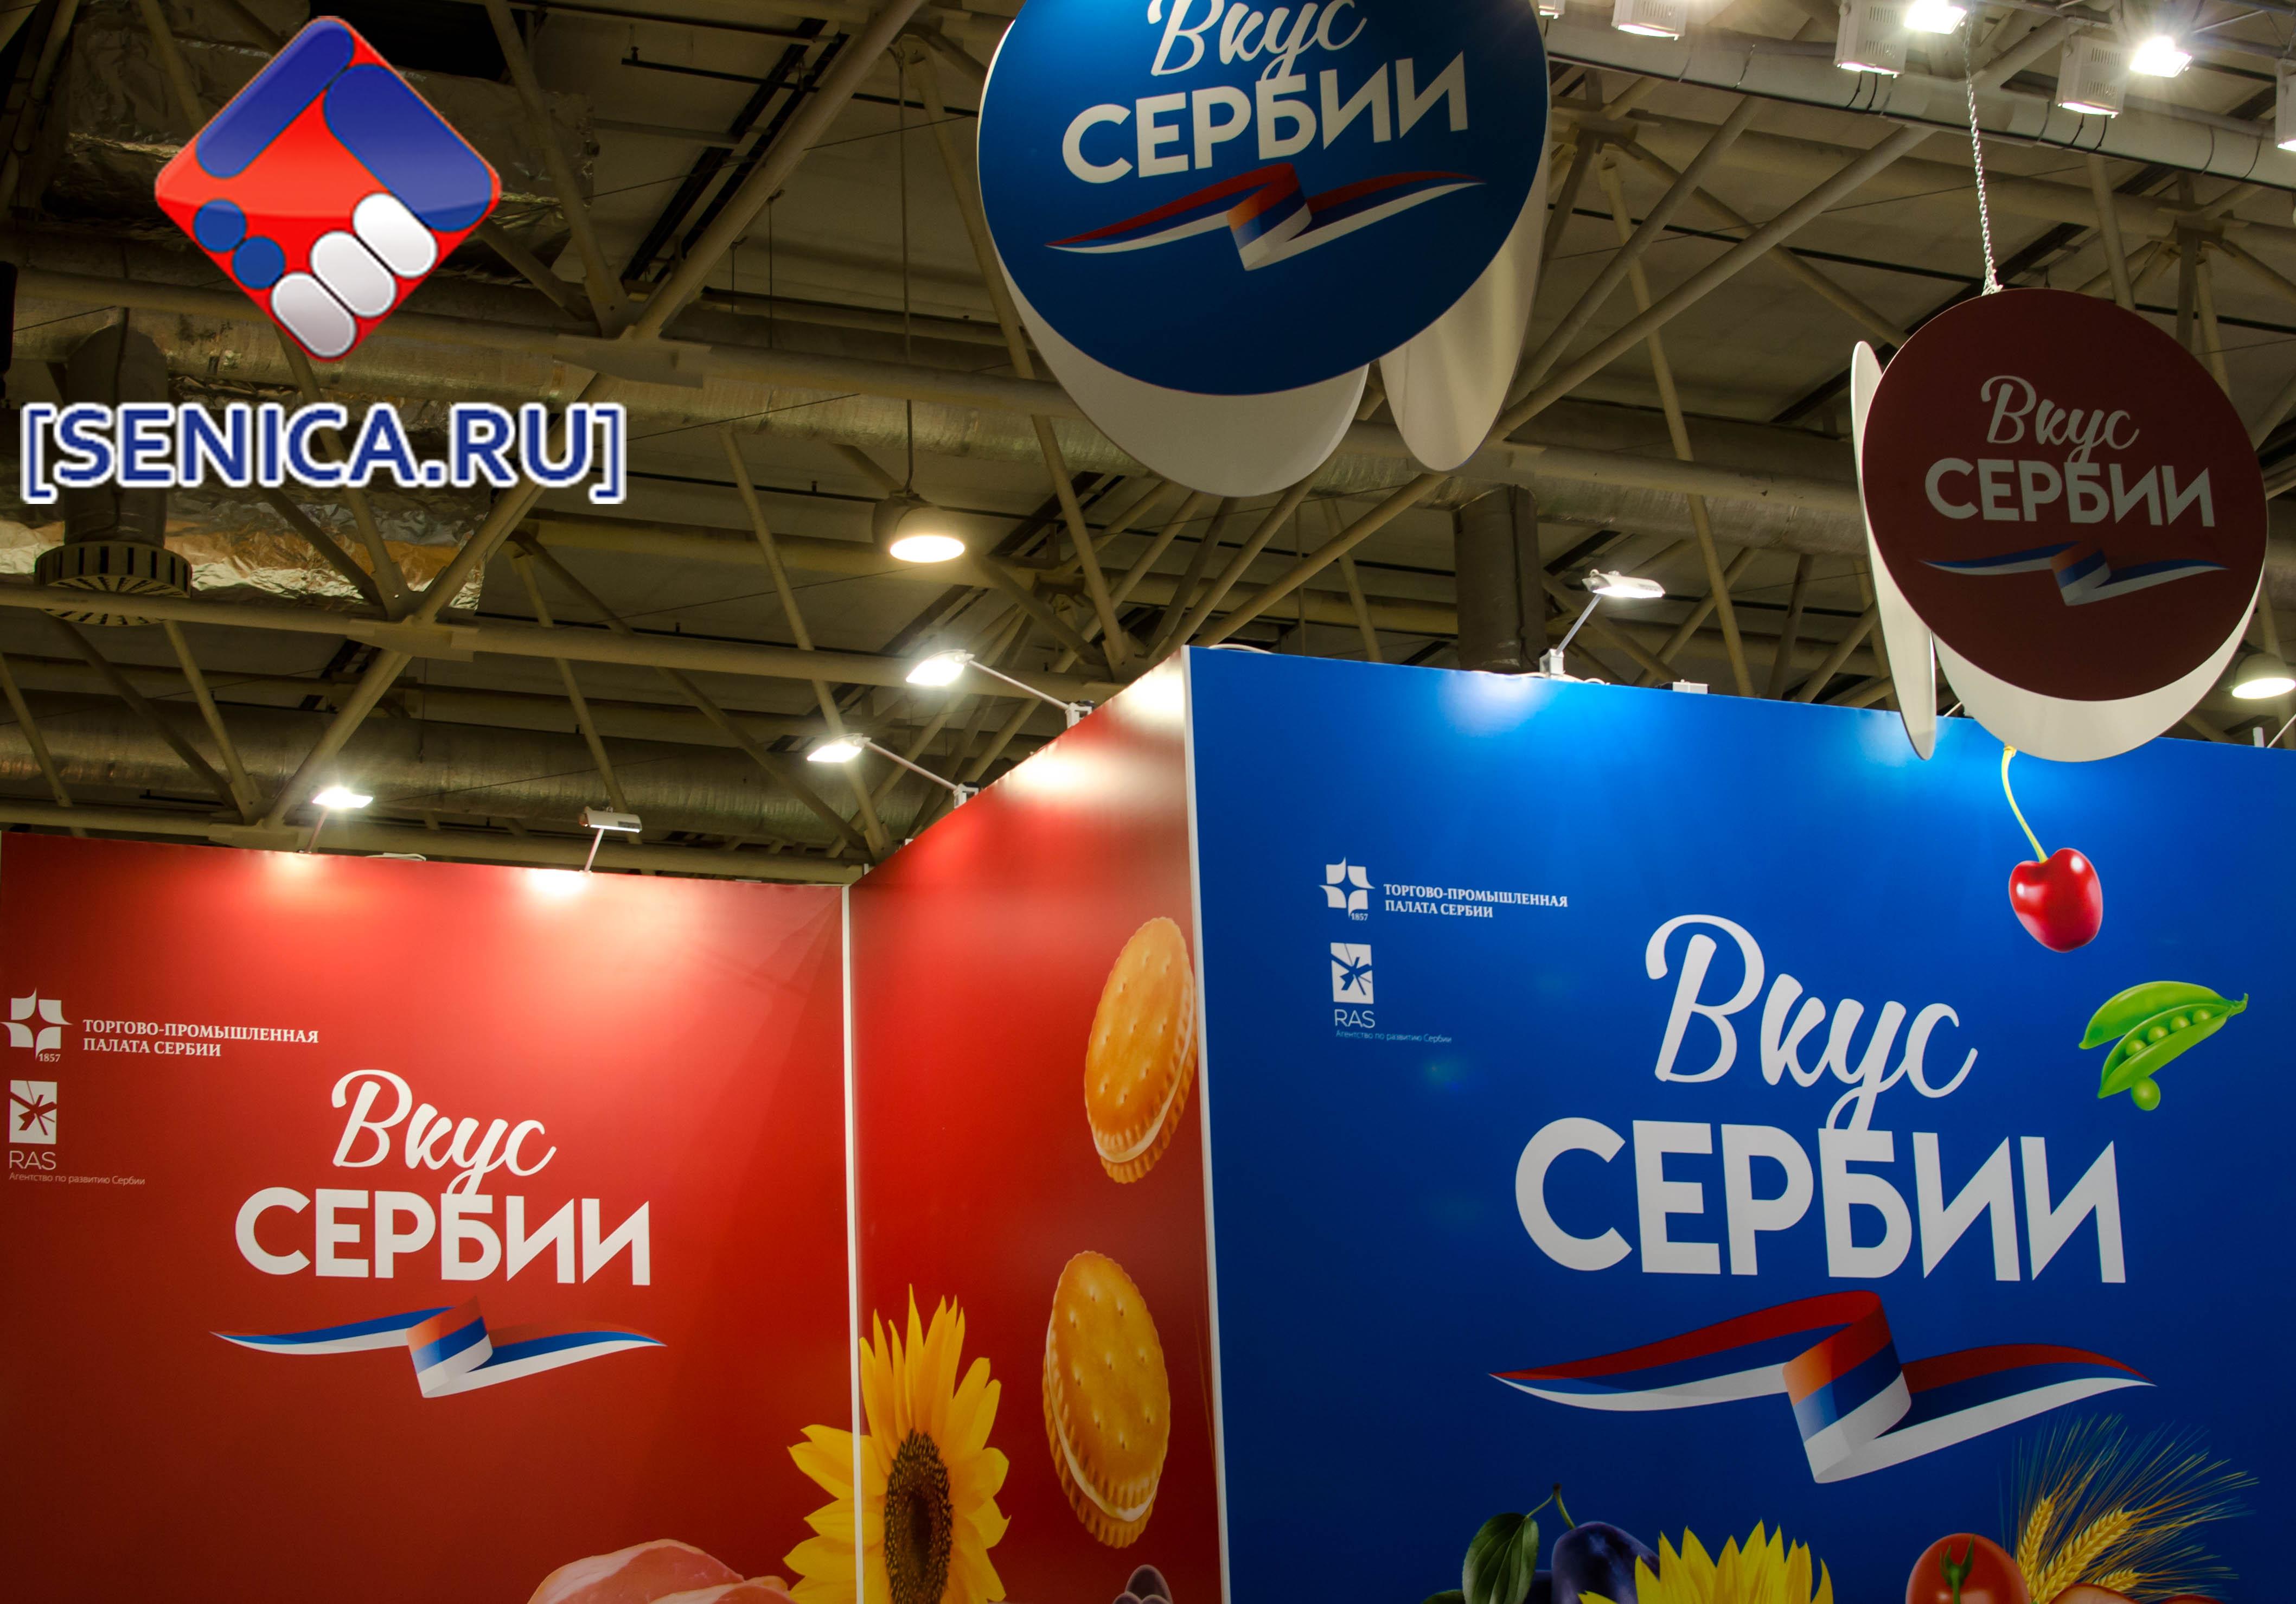 В Москве проходит выставка «Продэкспо» с национальным стендом «Вкус Сербии»